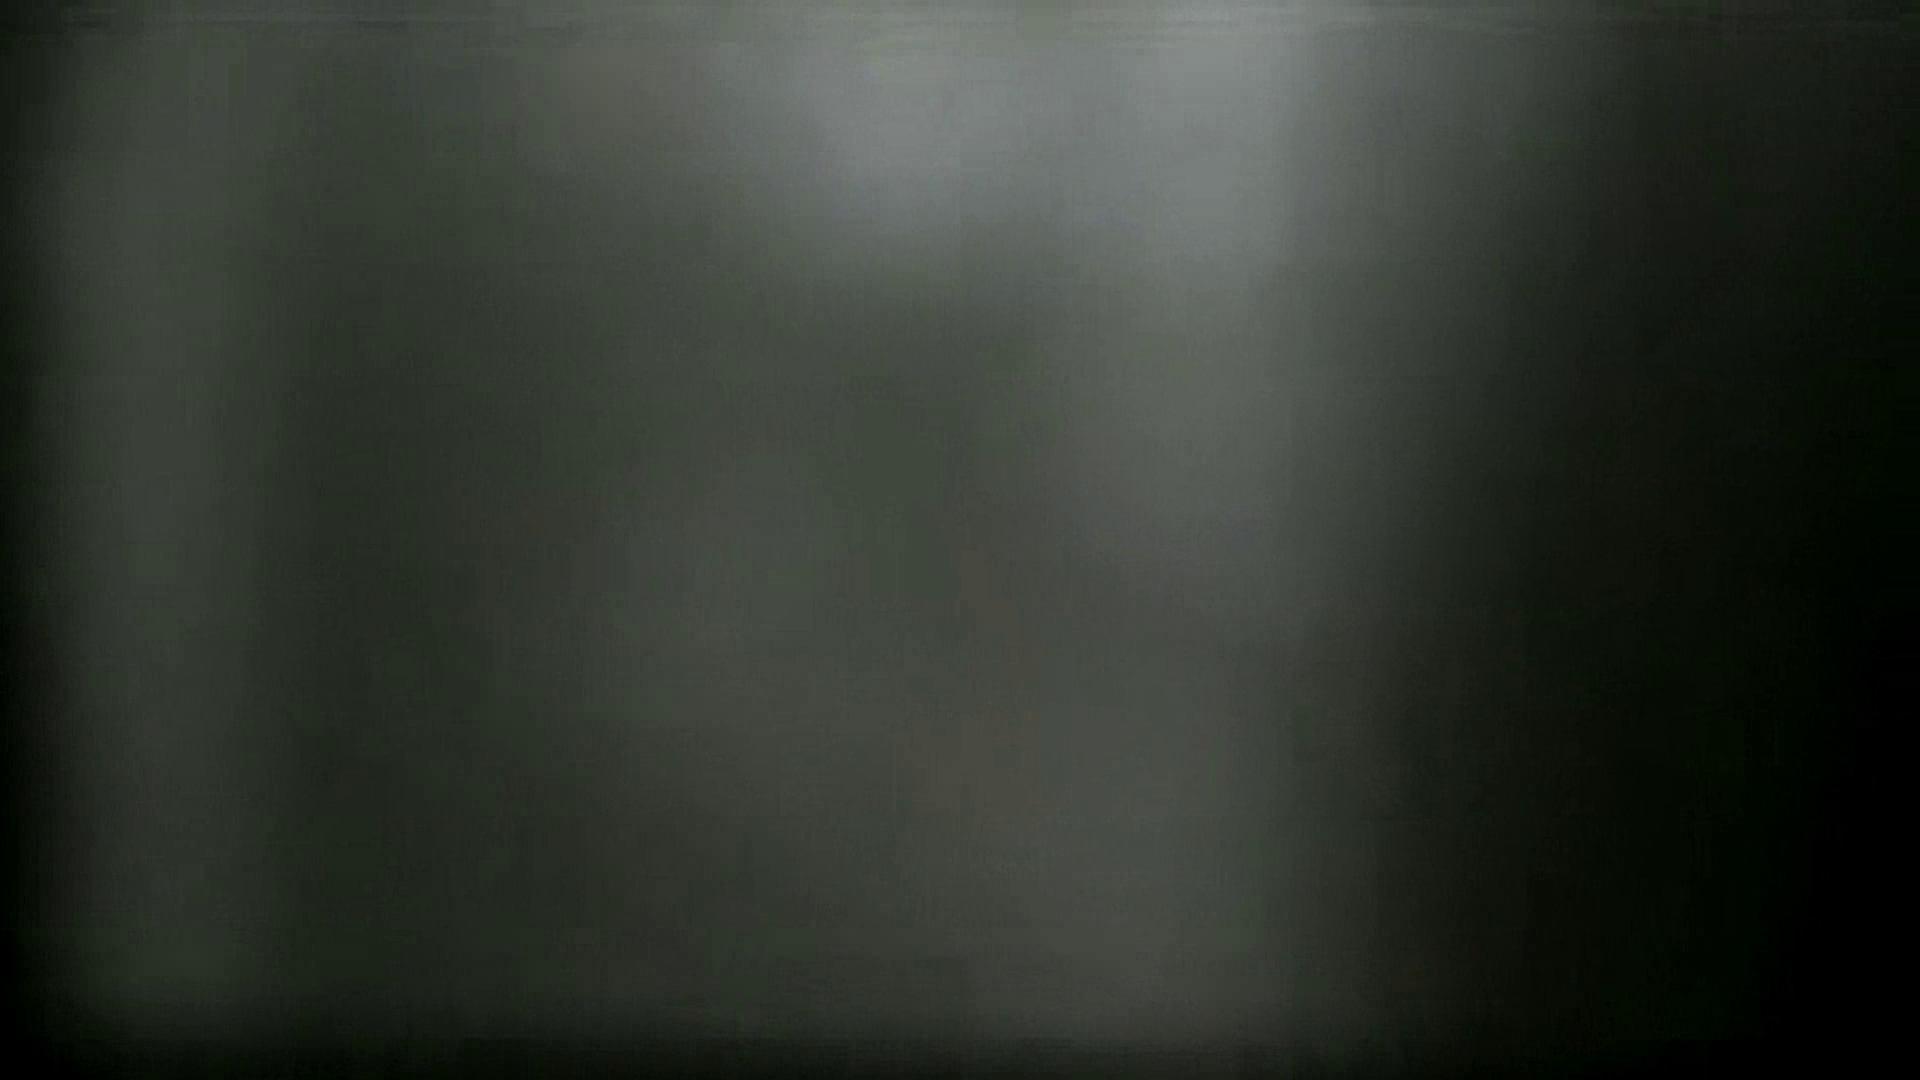 一人でオナッてます 私服がかっこいい ゲイヌード画像 61枚 6